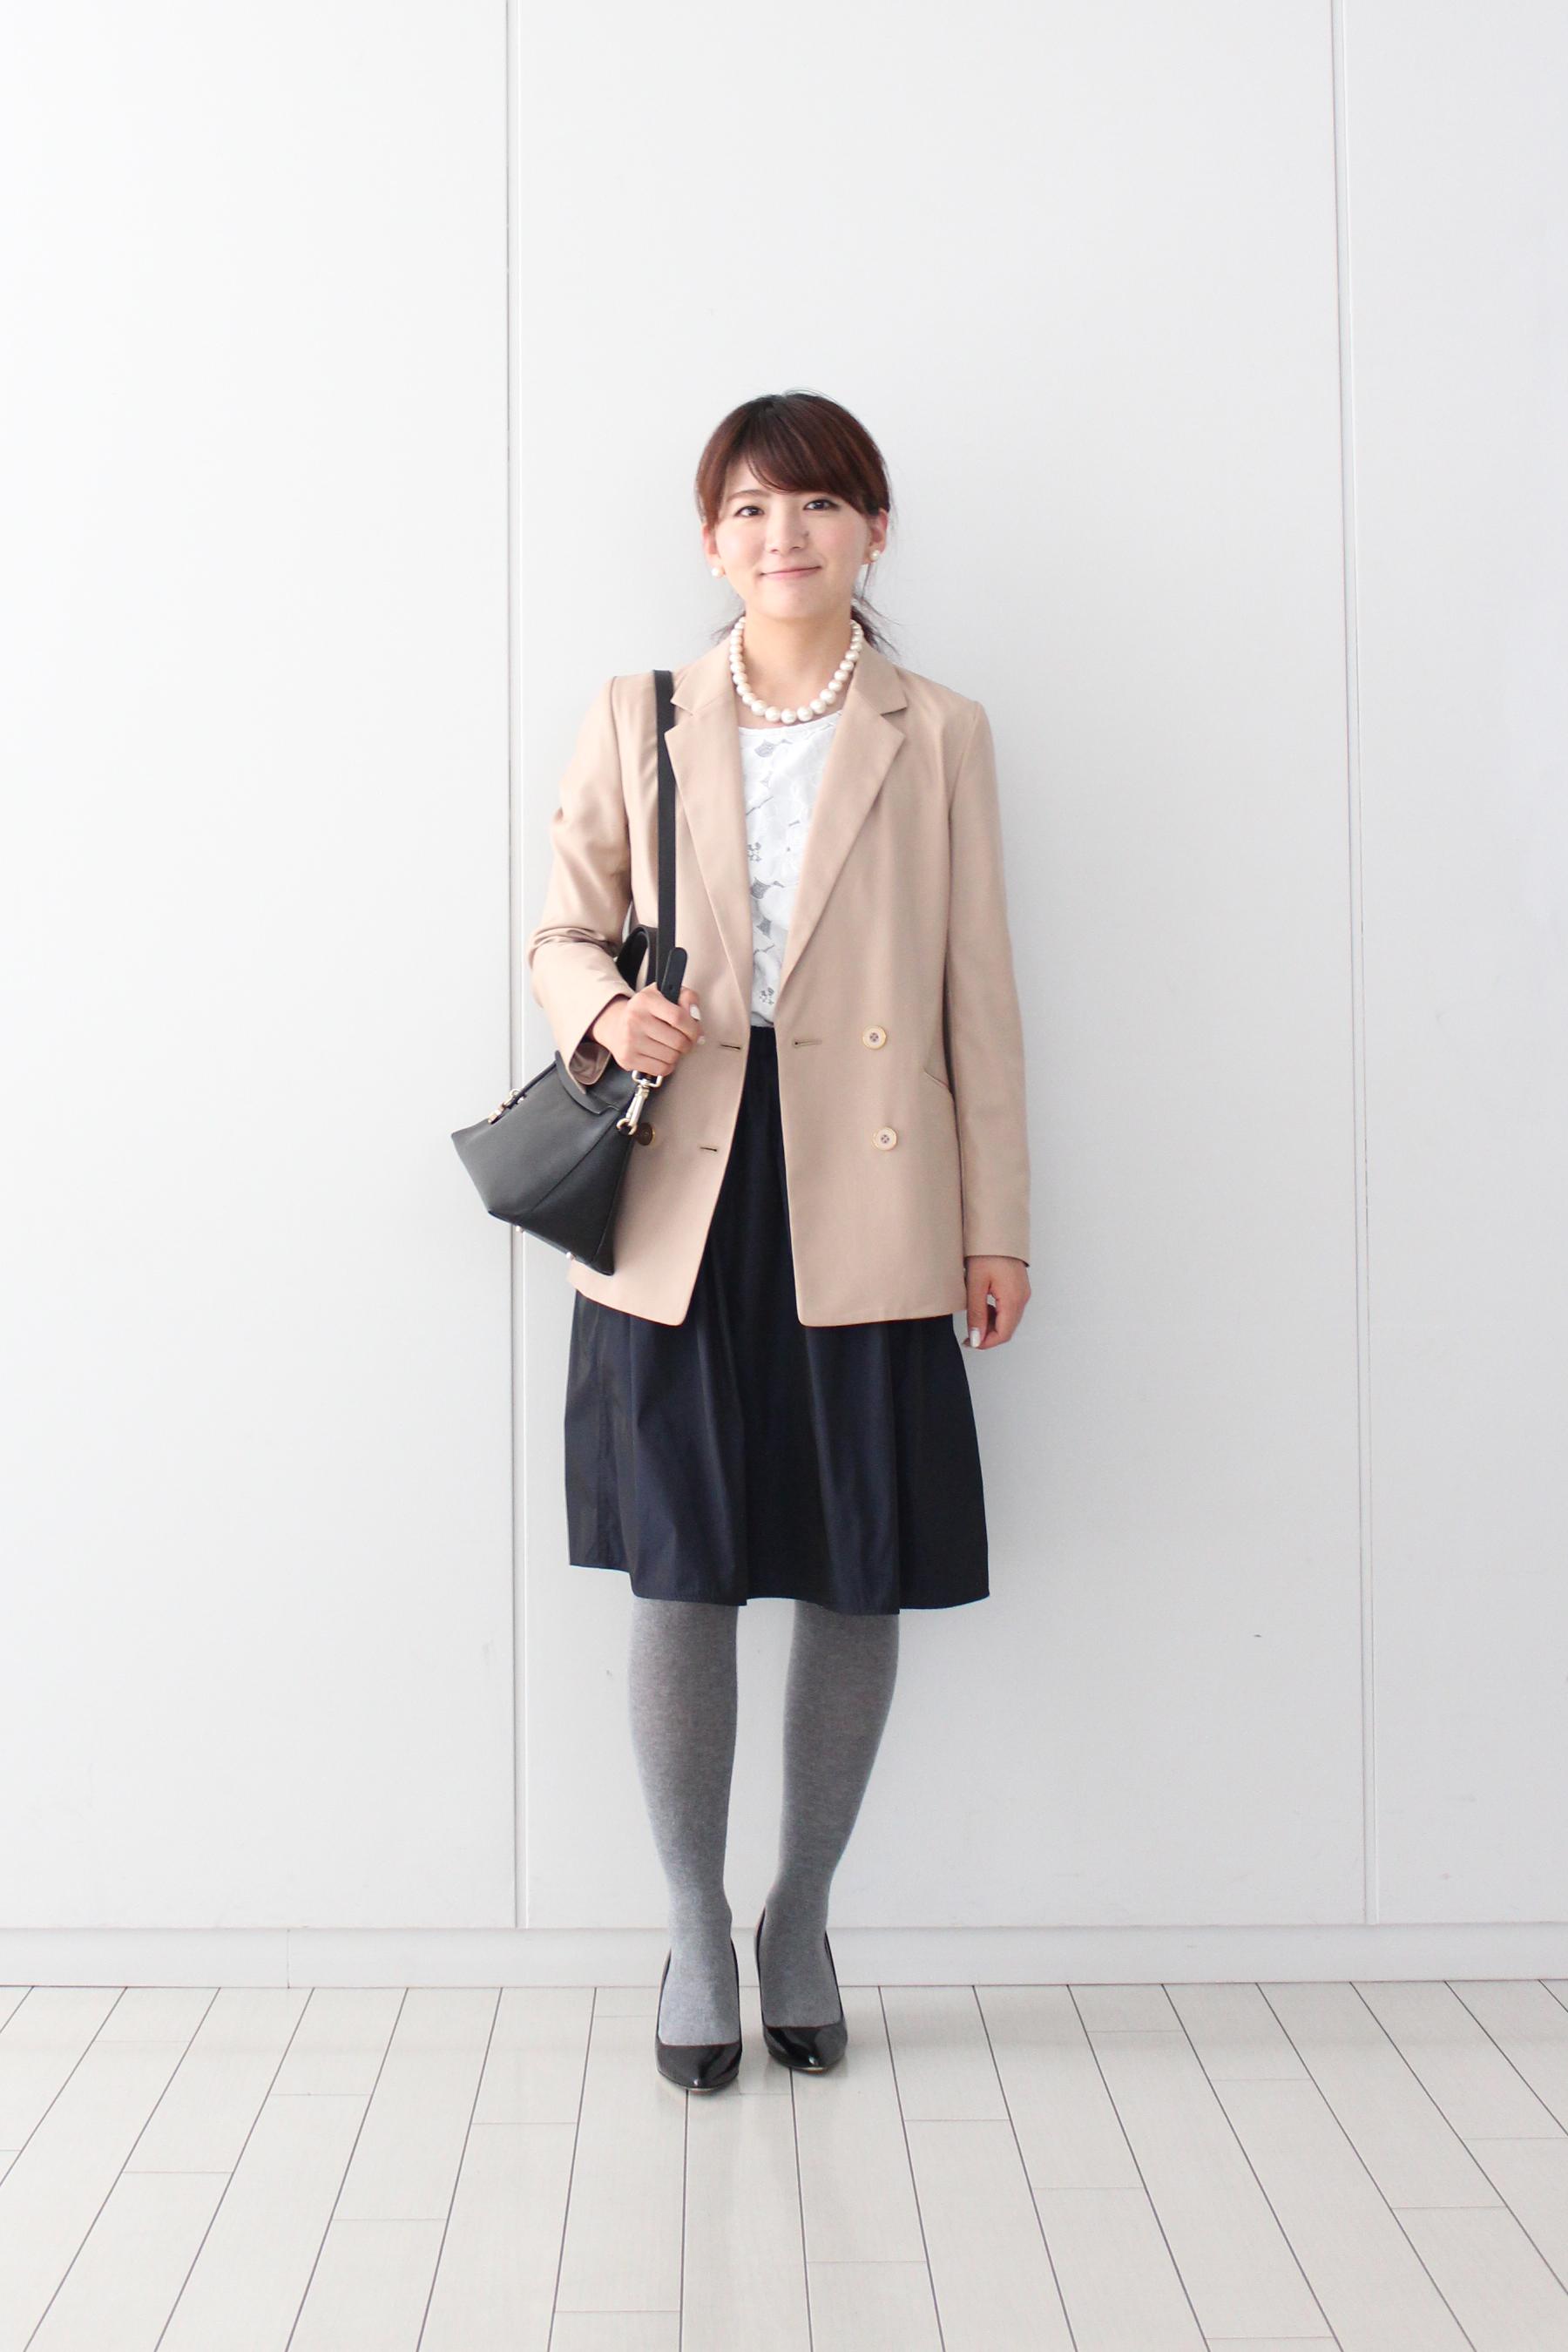 ジャケットはスカートとコーディネイトしてもきれい。